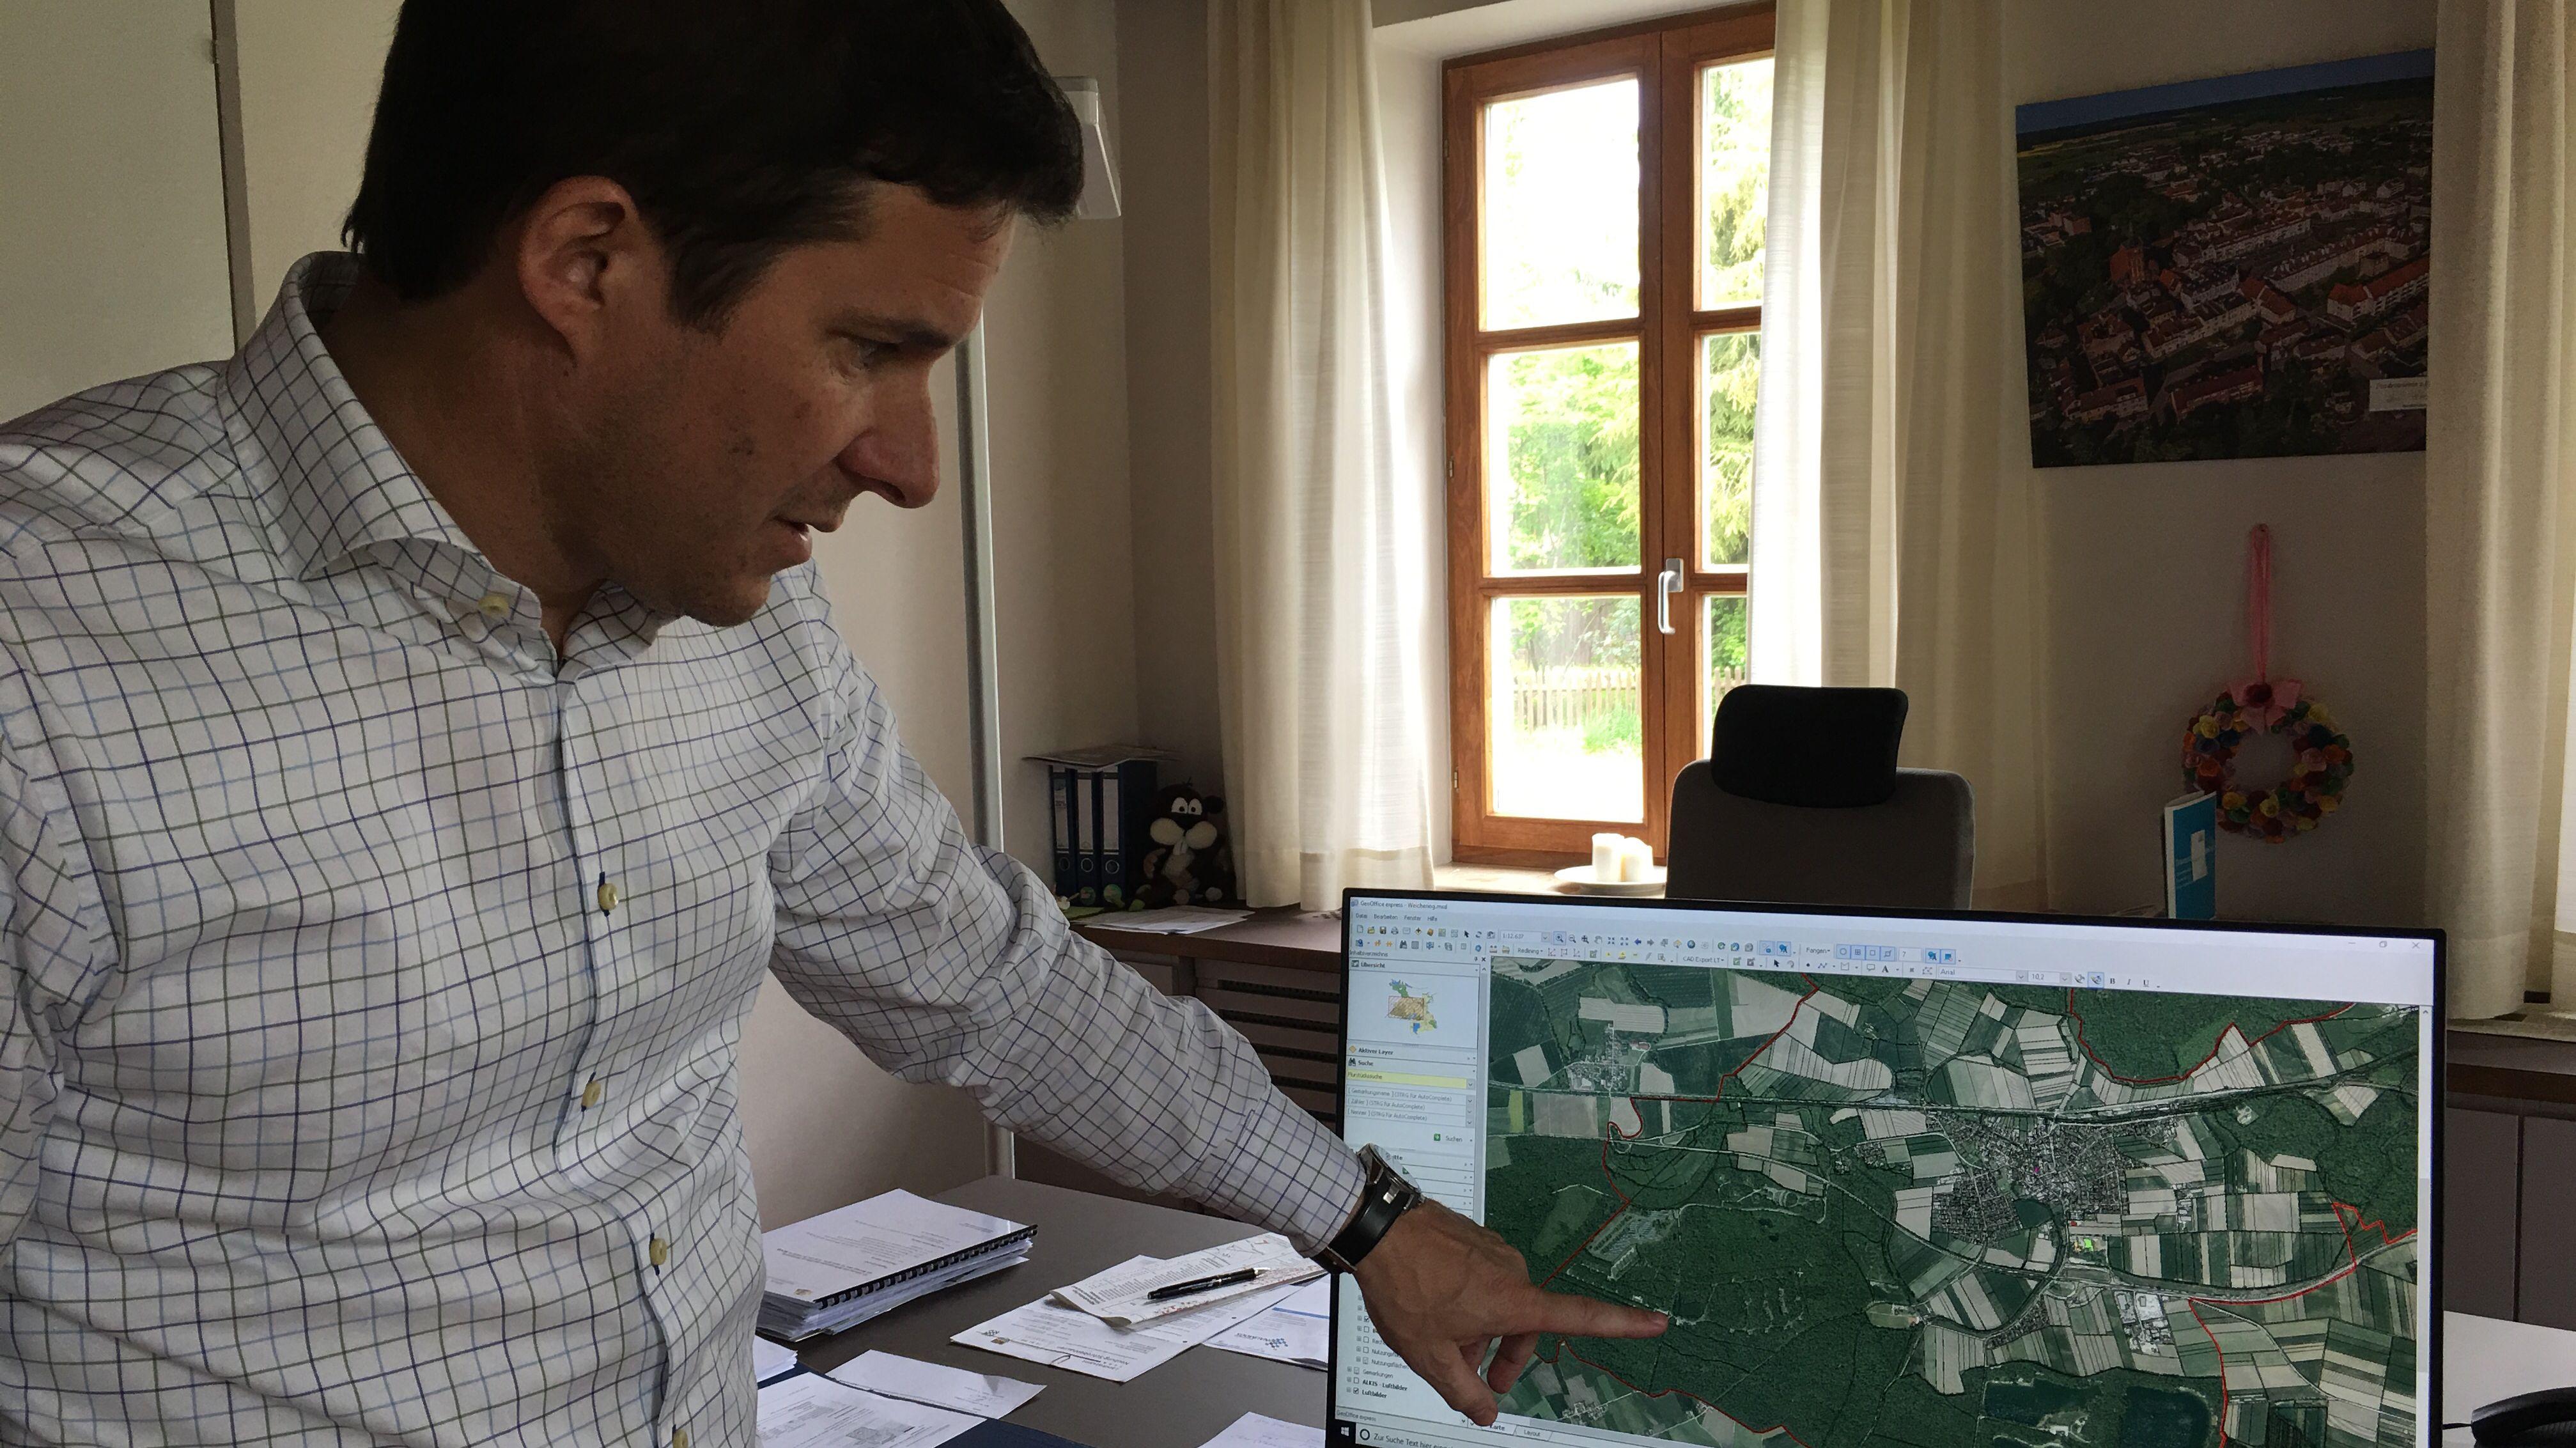 Weicherings Bürgermeister Thomas Mack zeigt eine Karte von den Gemeindegebieten mit PFC-Problem